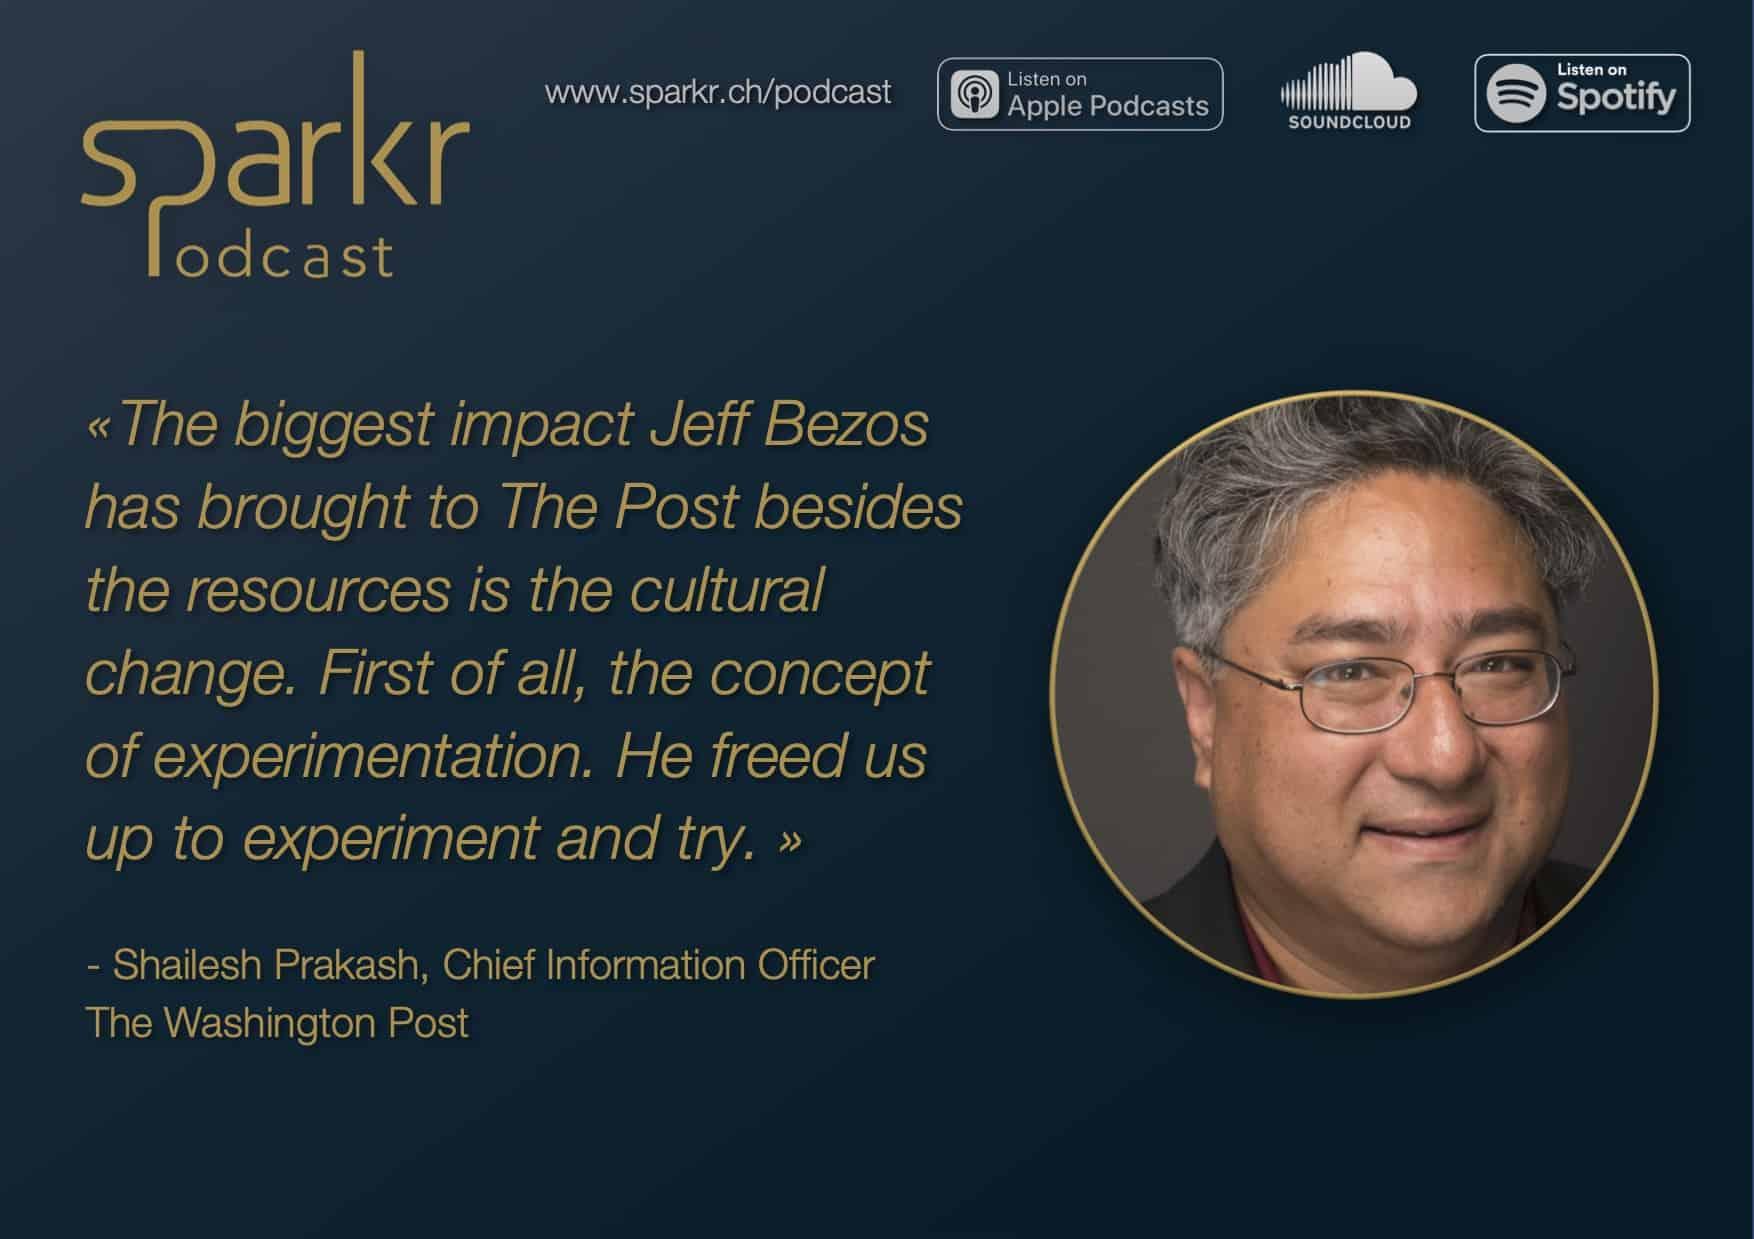 Washington Post Shailesh Prakash digital transformation Sparkr Podcast